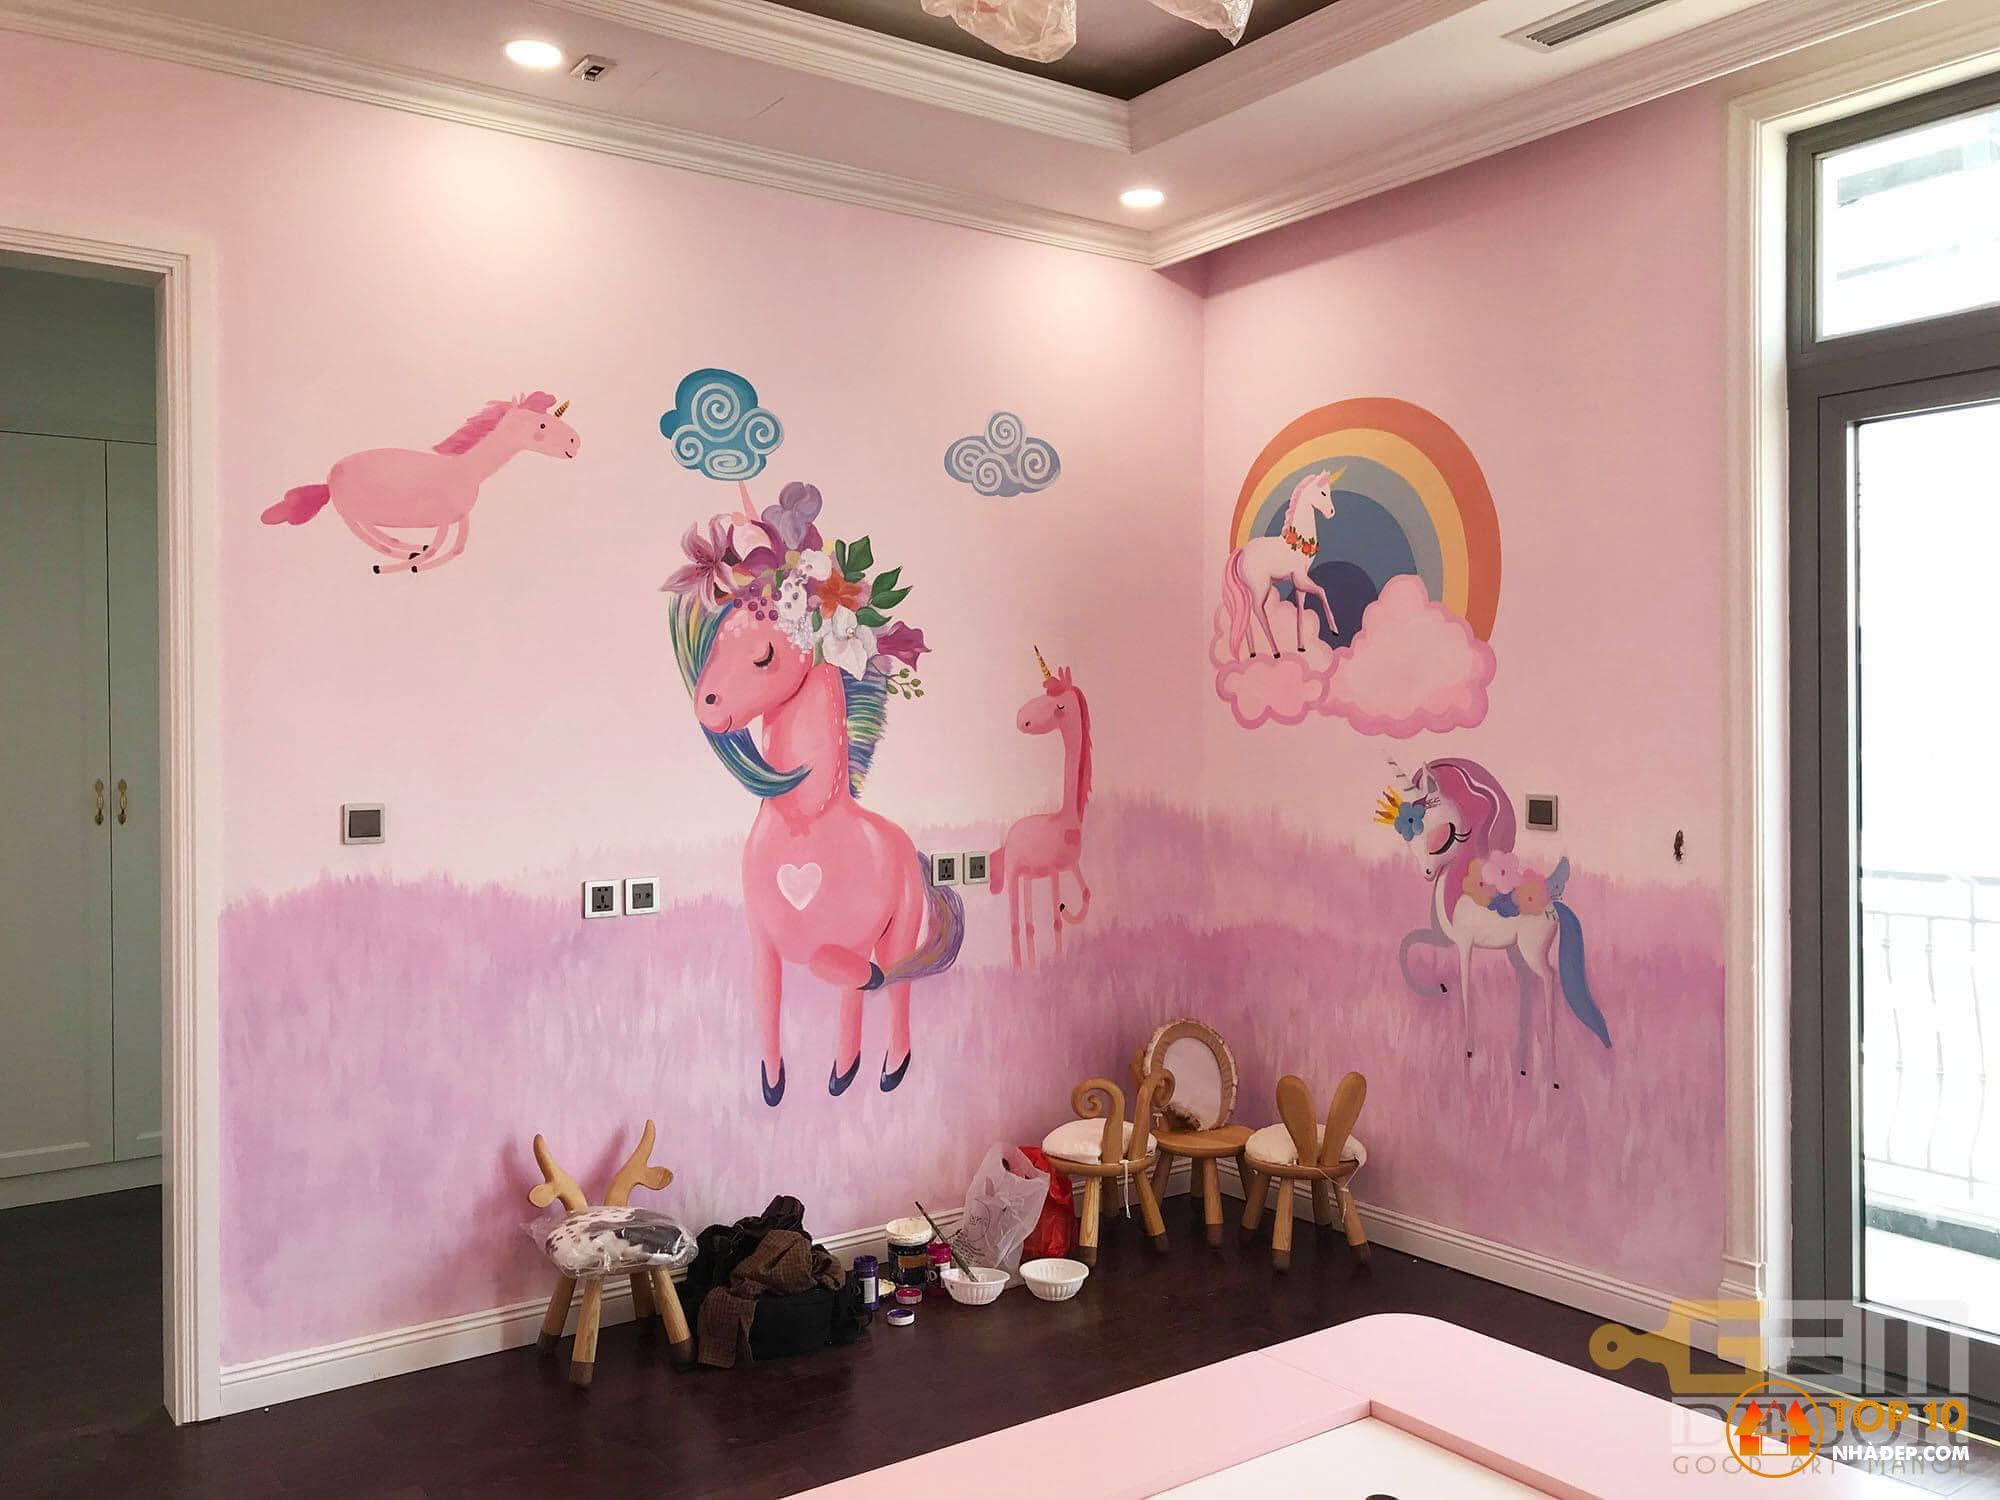 """""""Góc phòng"""" Công trình trang trí vẽ phòng cho bé yêu"""